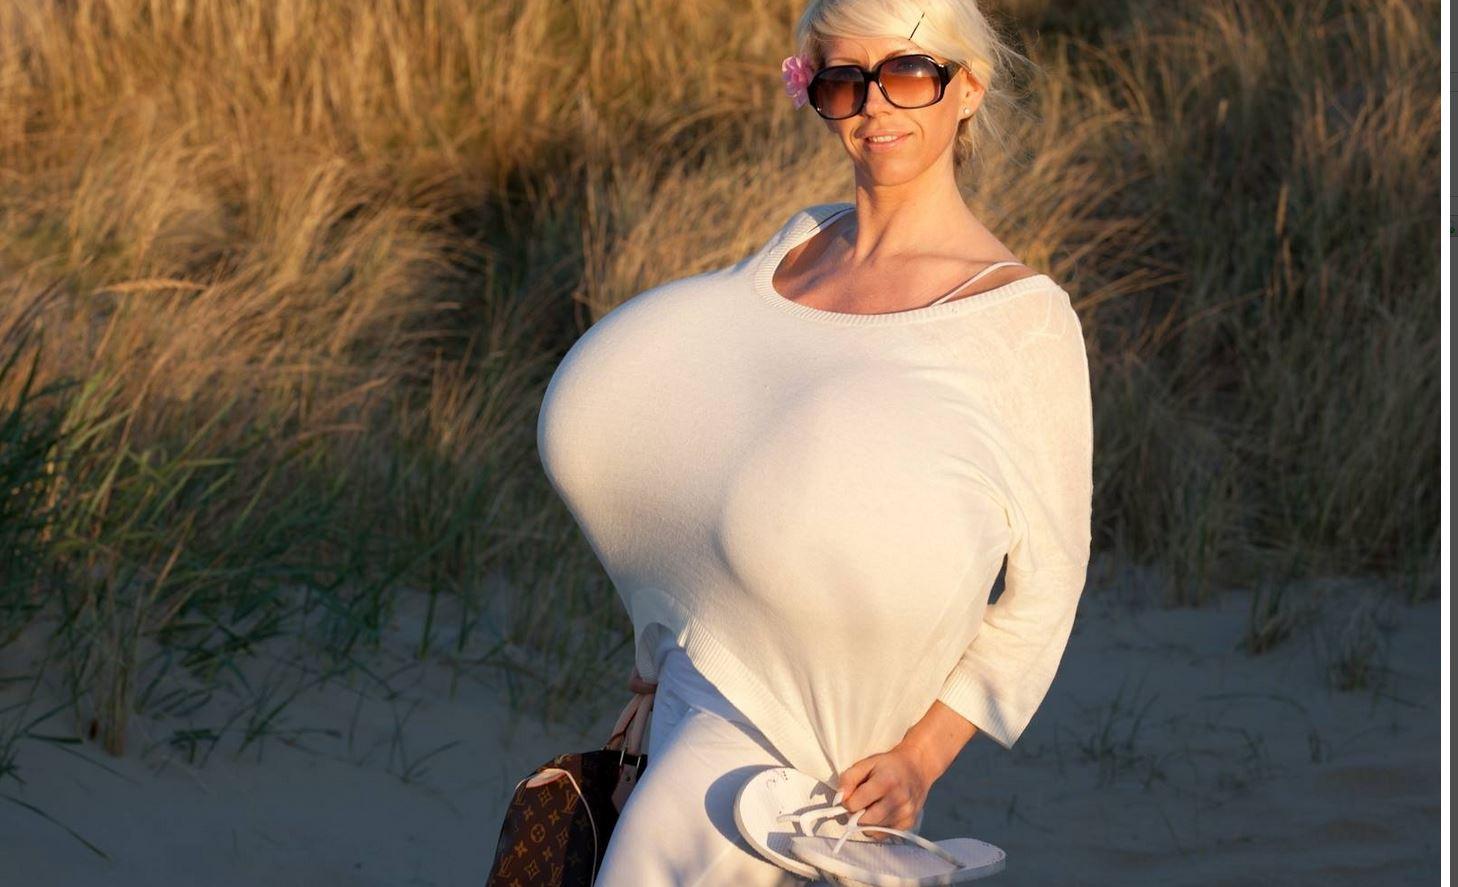 Самая огромная грудь в мире жена